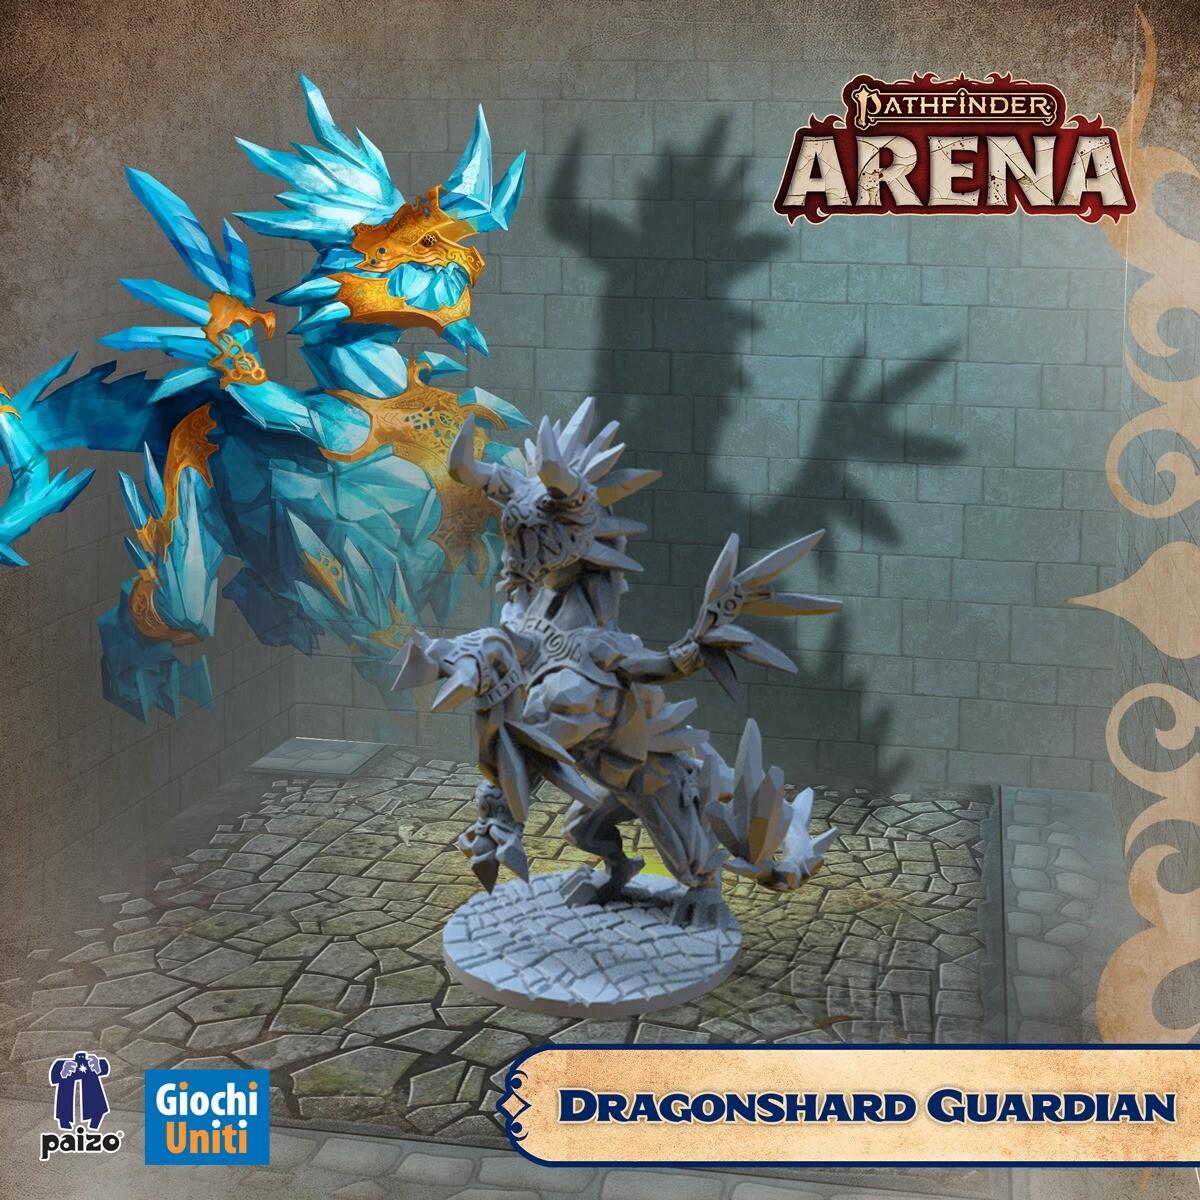 Dragonshard Guardian